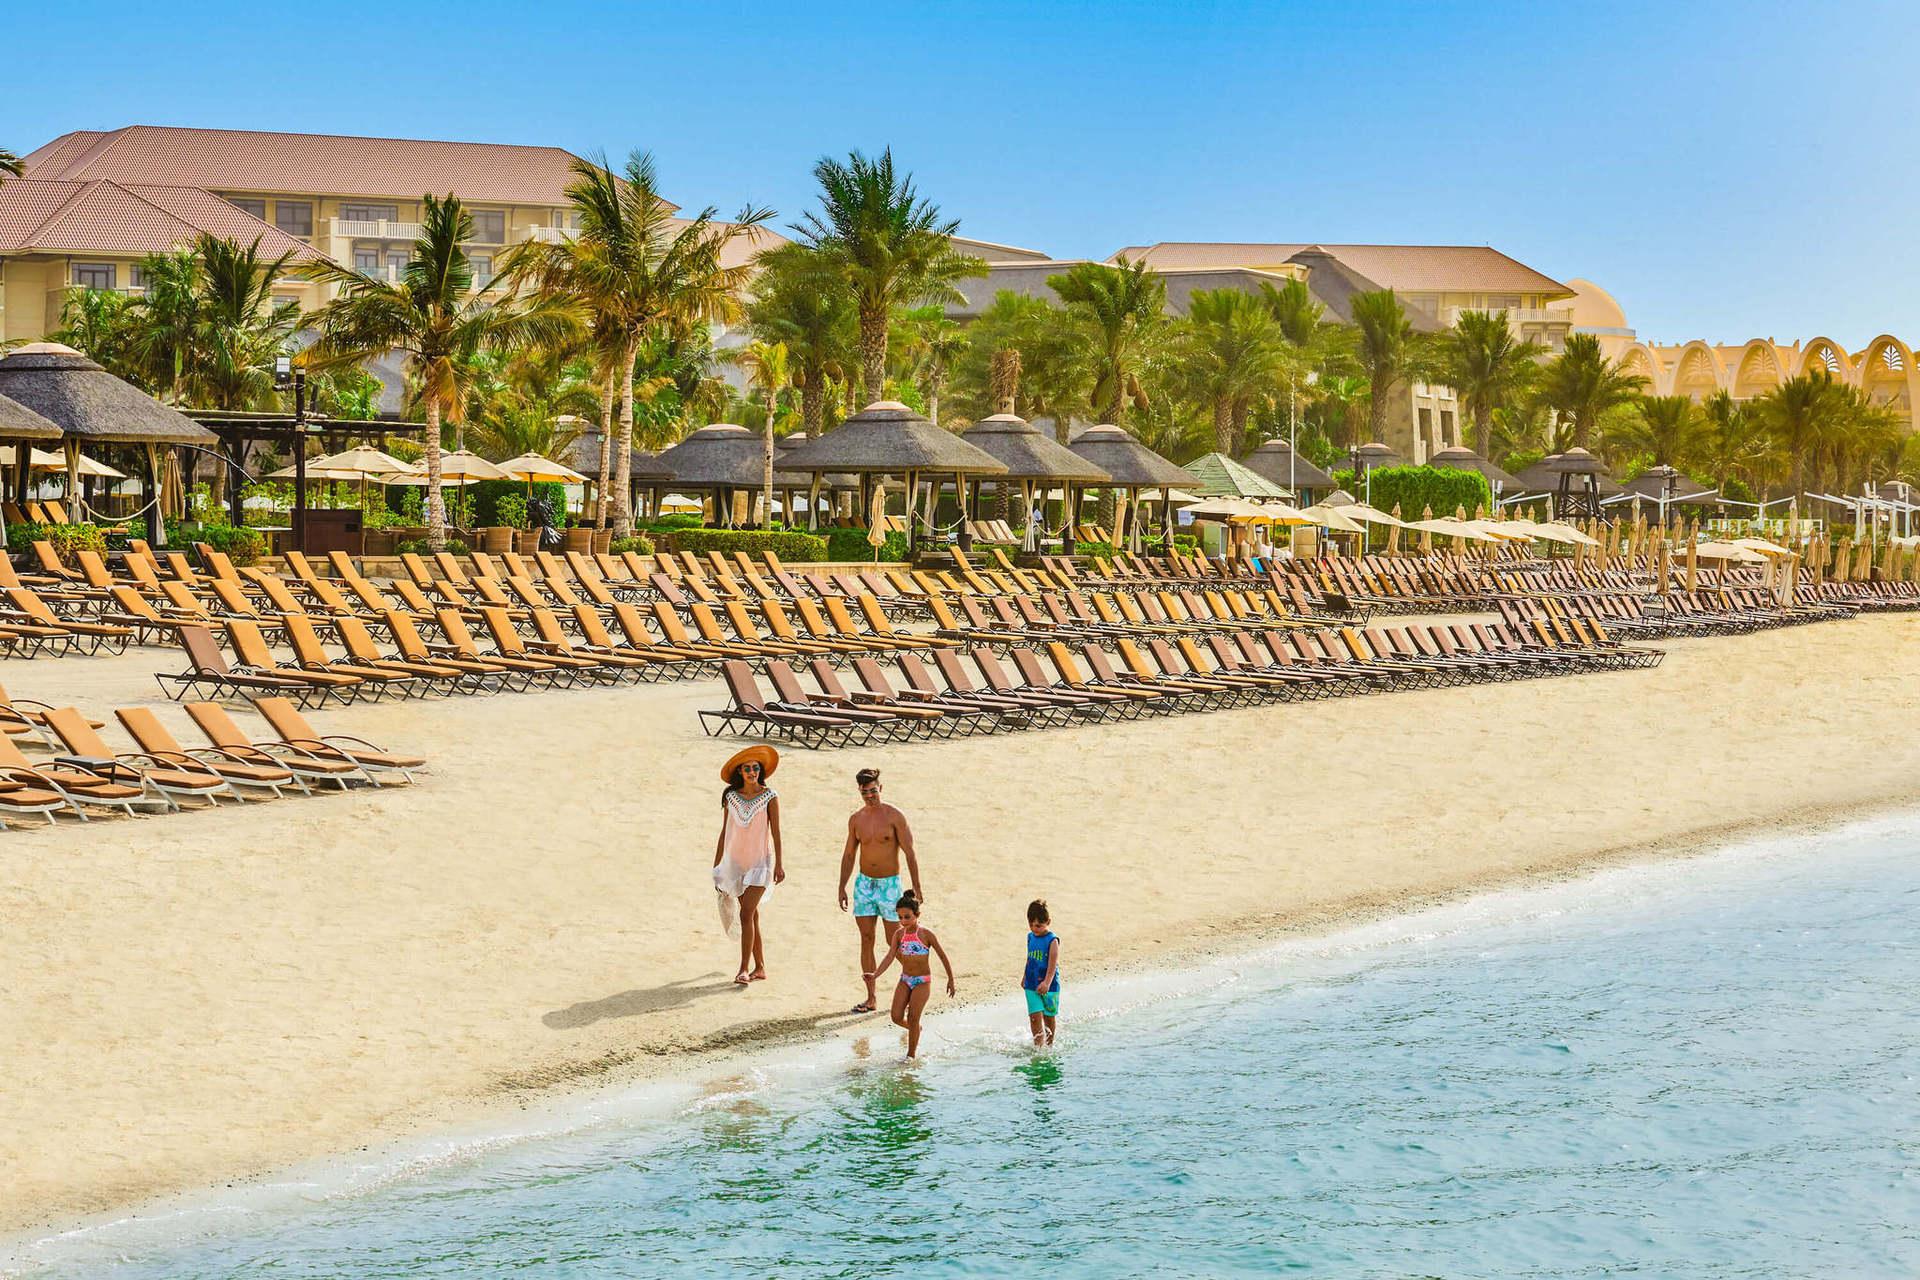 500-метровий пляж вважається одним з кращих приватних пляжів Палм-Джумейра.